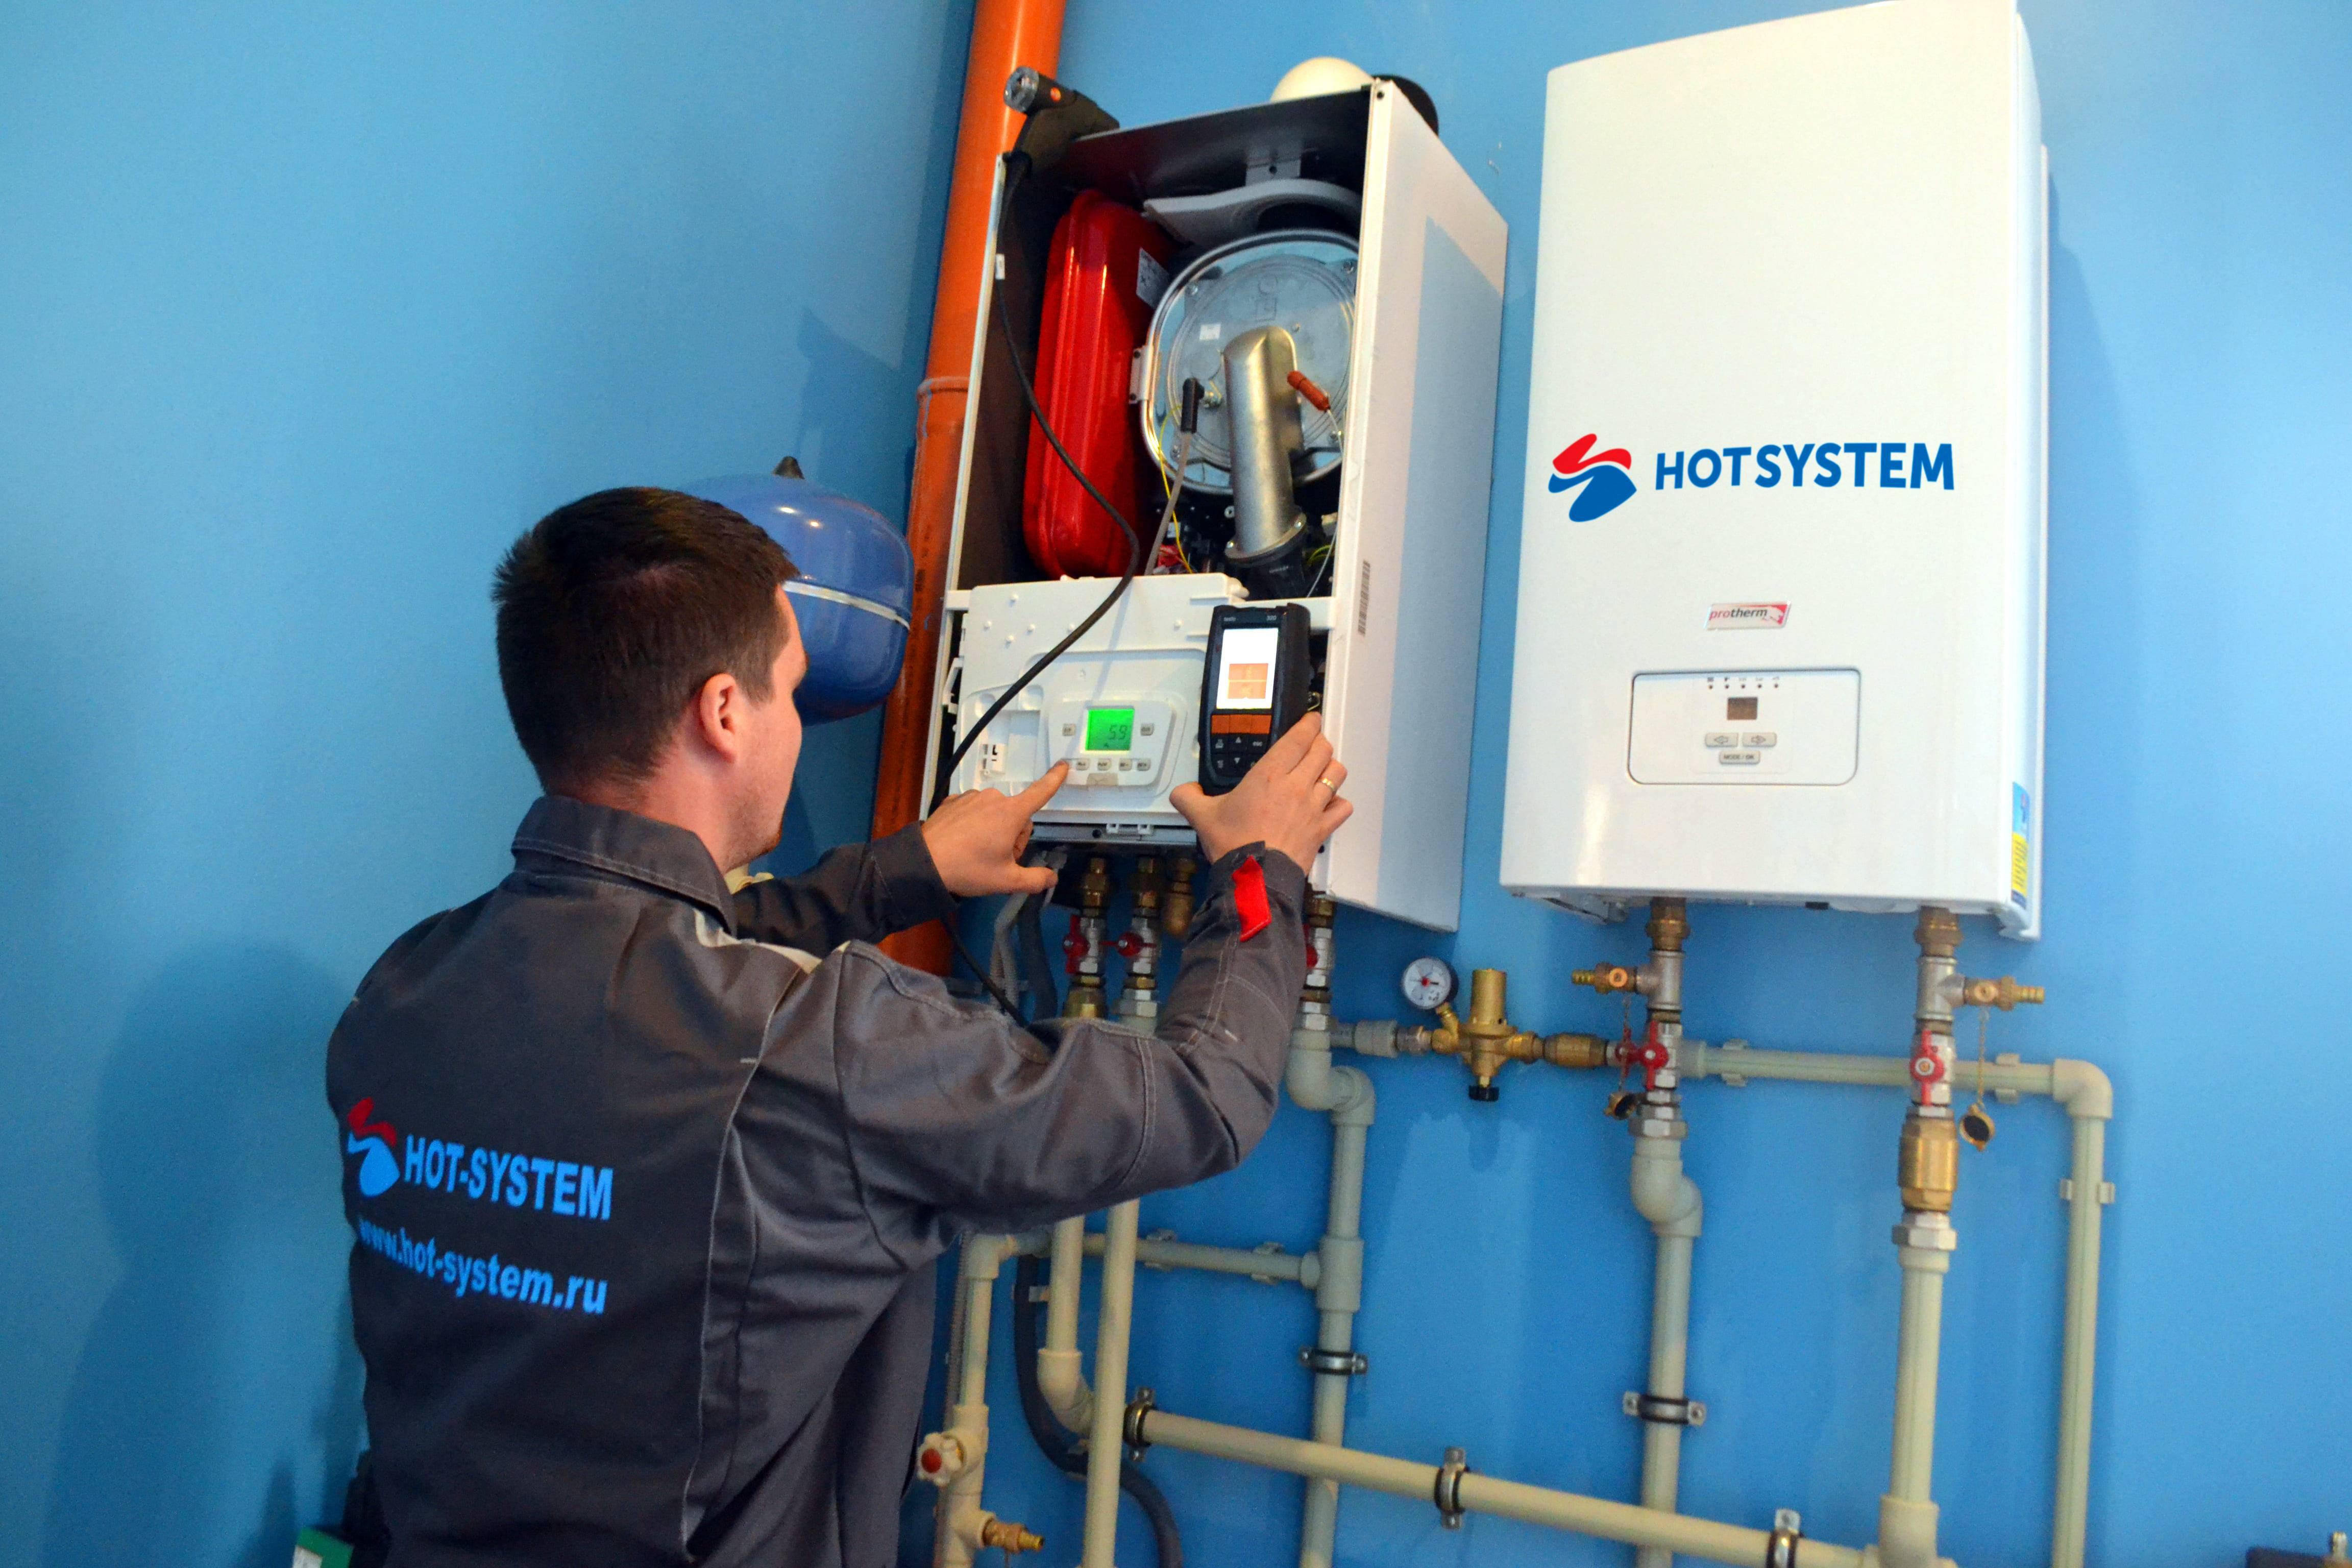 Газовики заставляют заключать договор на обслуживание газового оборудования, что делать